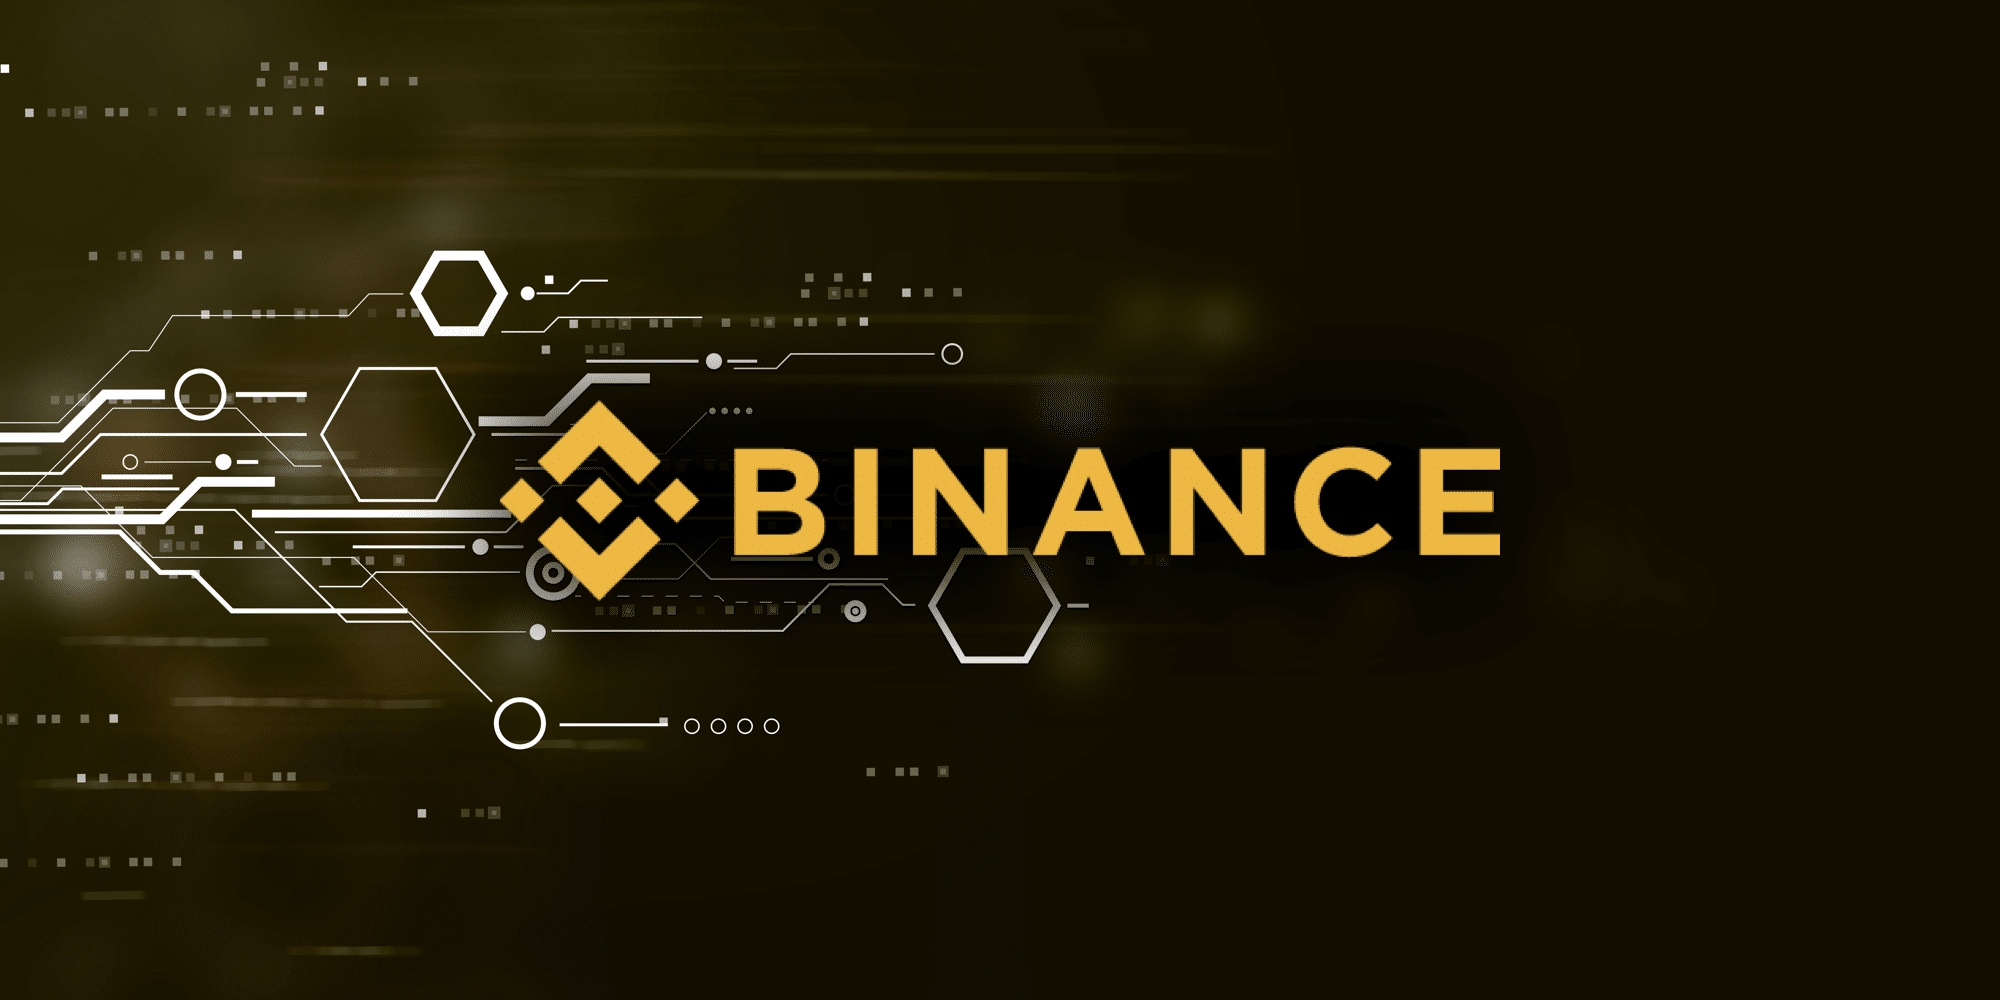 """Binance e il progetto """"Bulletproof Exchanger"""" per contrastare i cybercriminali"""